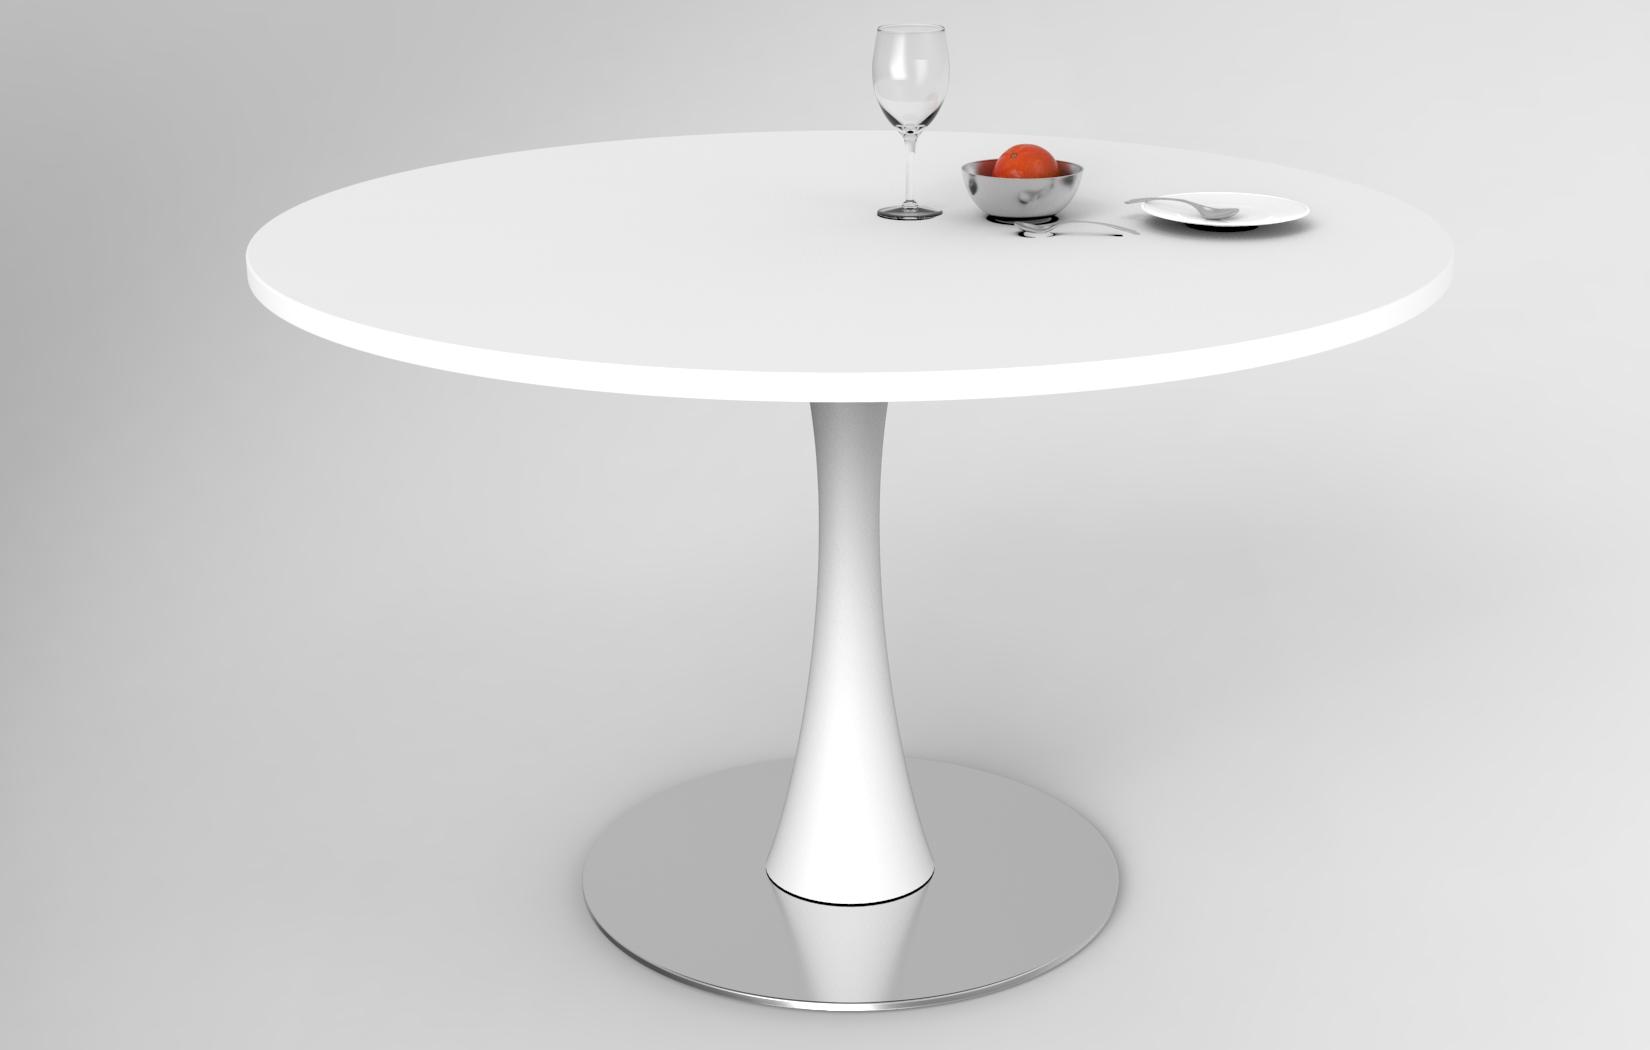 Lune design tavolo in corian 39 egos 39 for Tavolo rotondo bianco economico